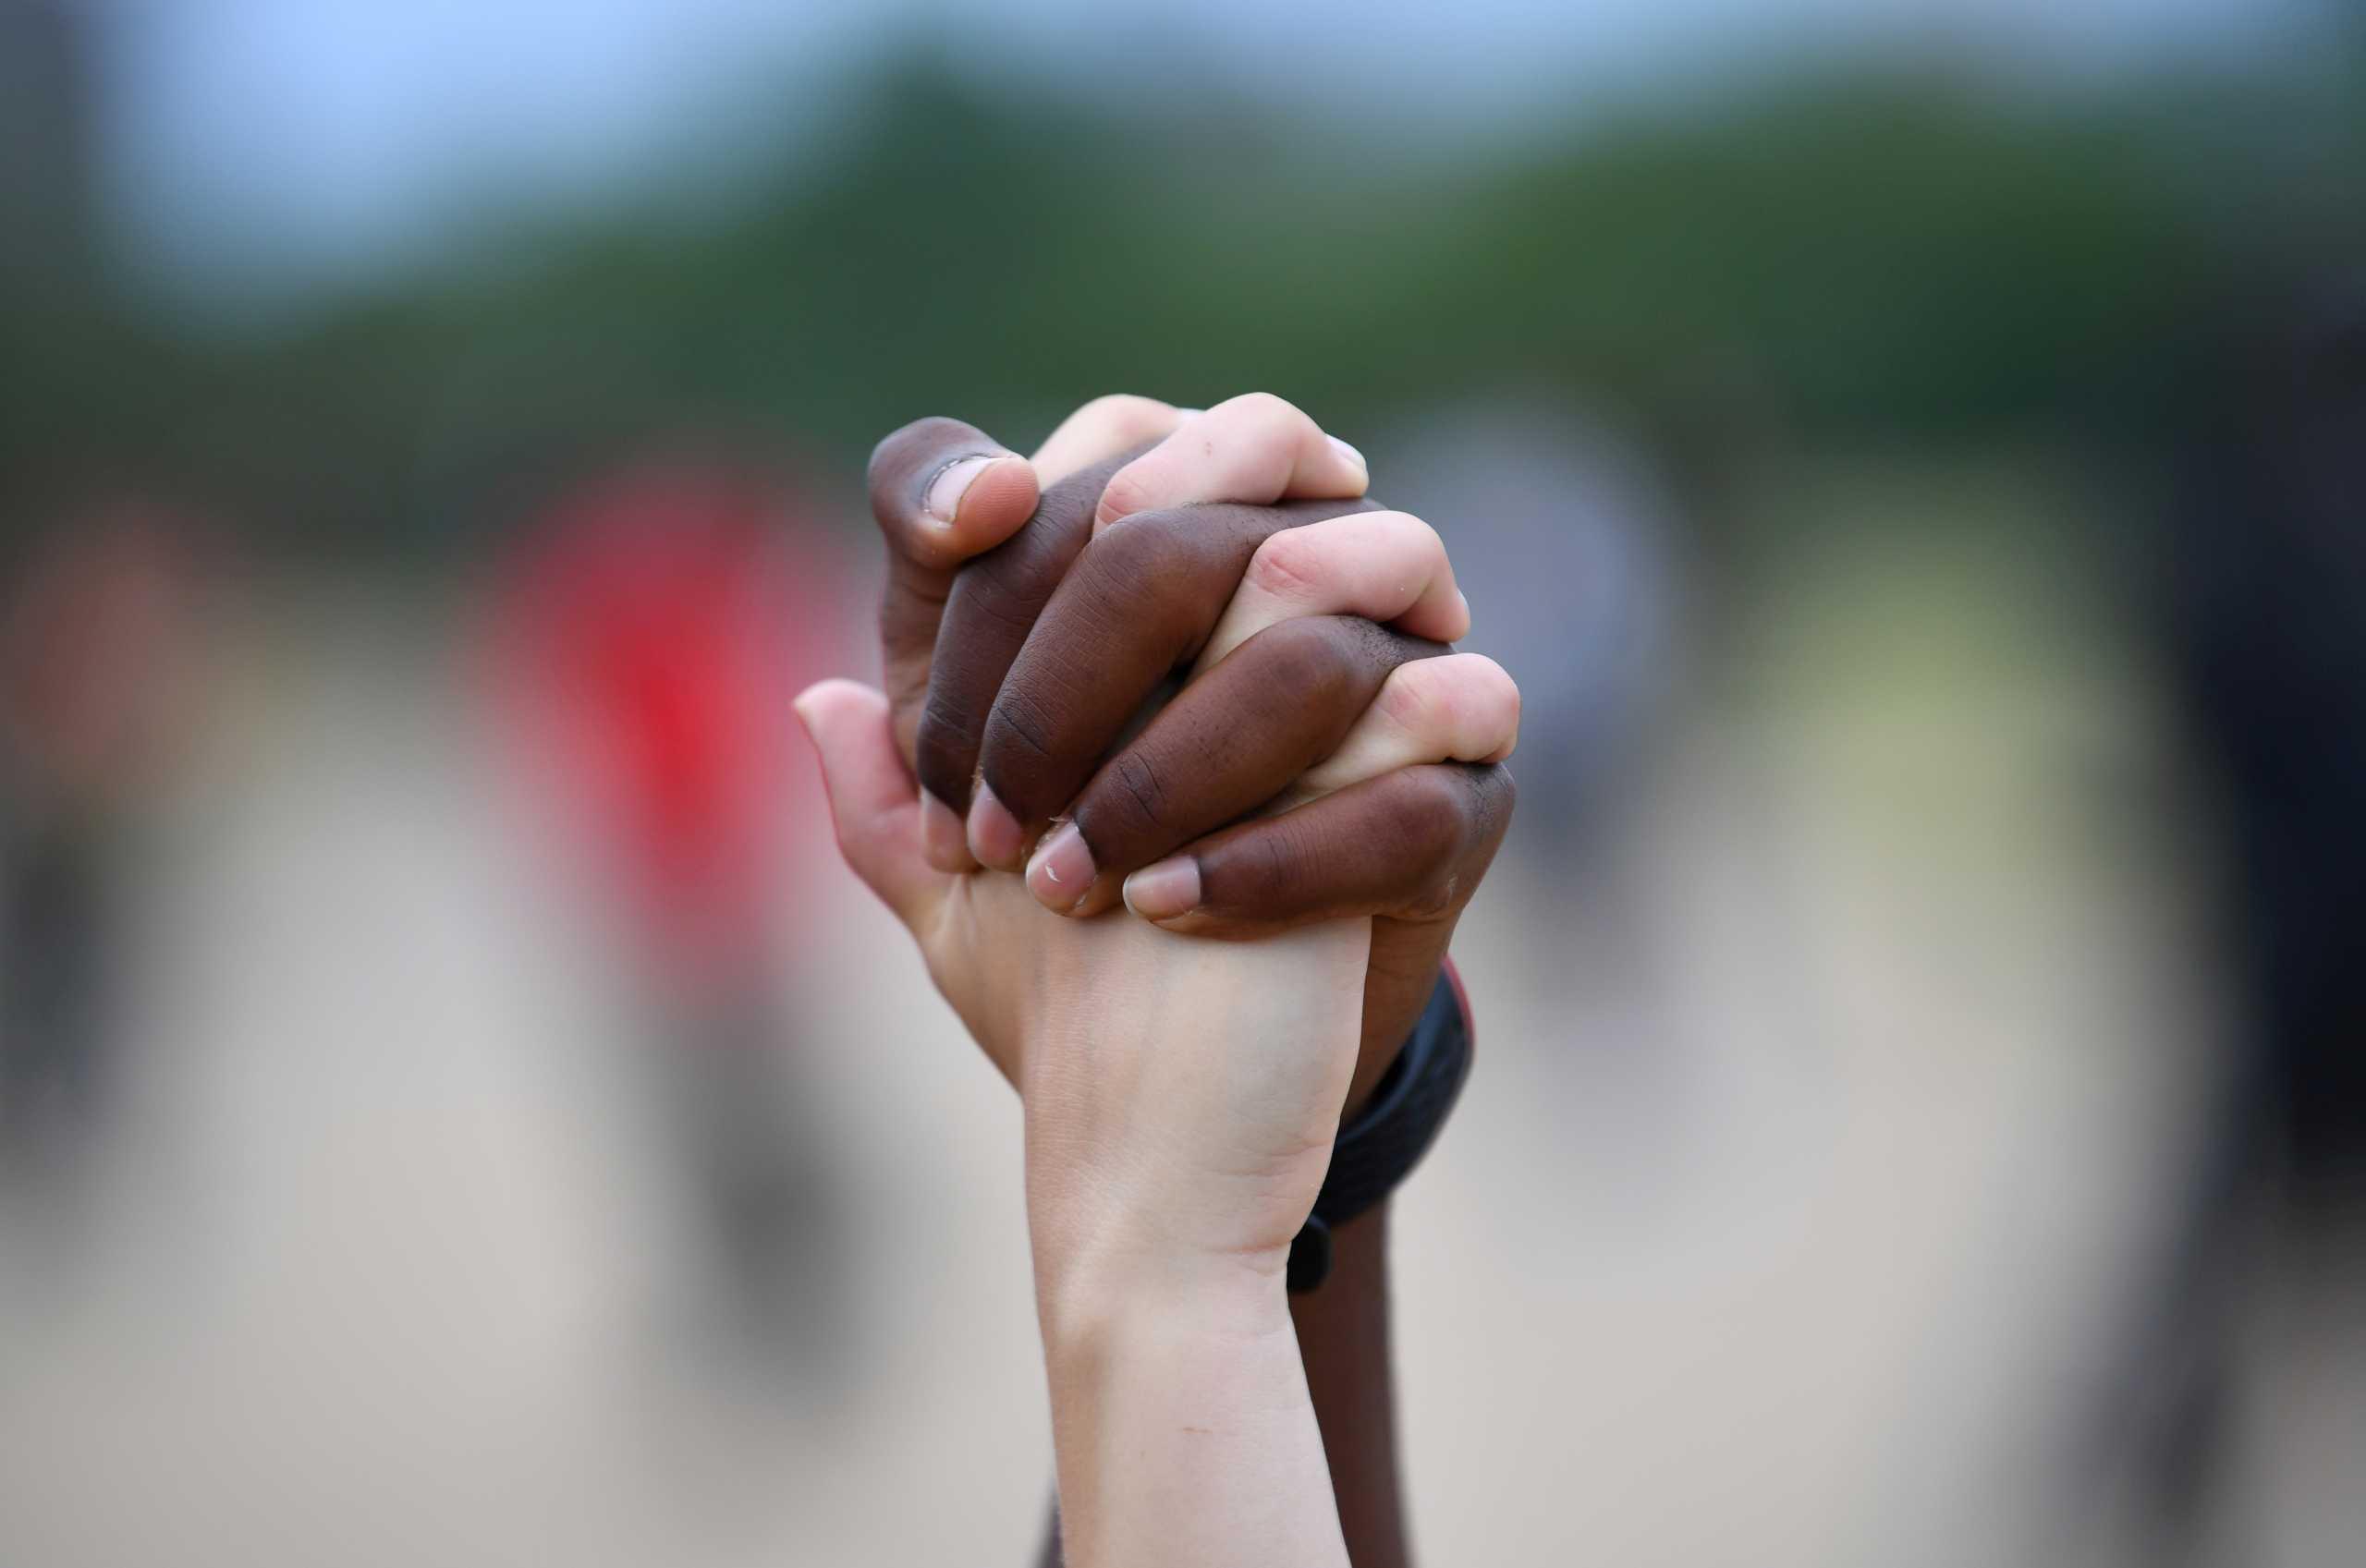 Βρετανία: Υπόδειγμα φυλετικής ισότητας αλλά χρειάζεται να γίνουν περισσότερα